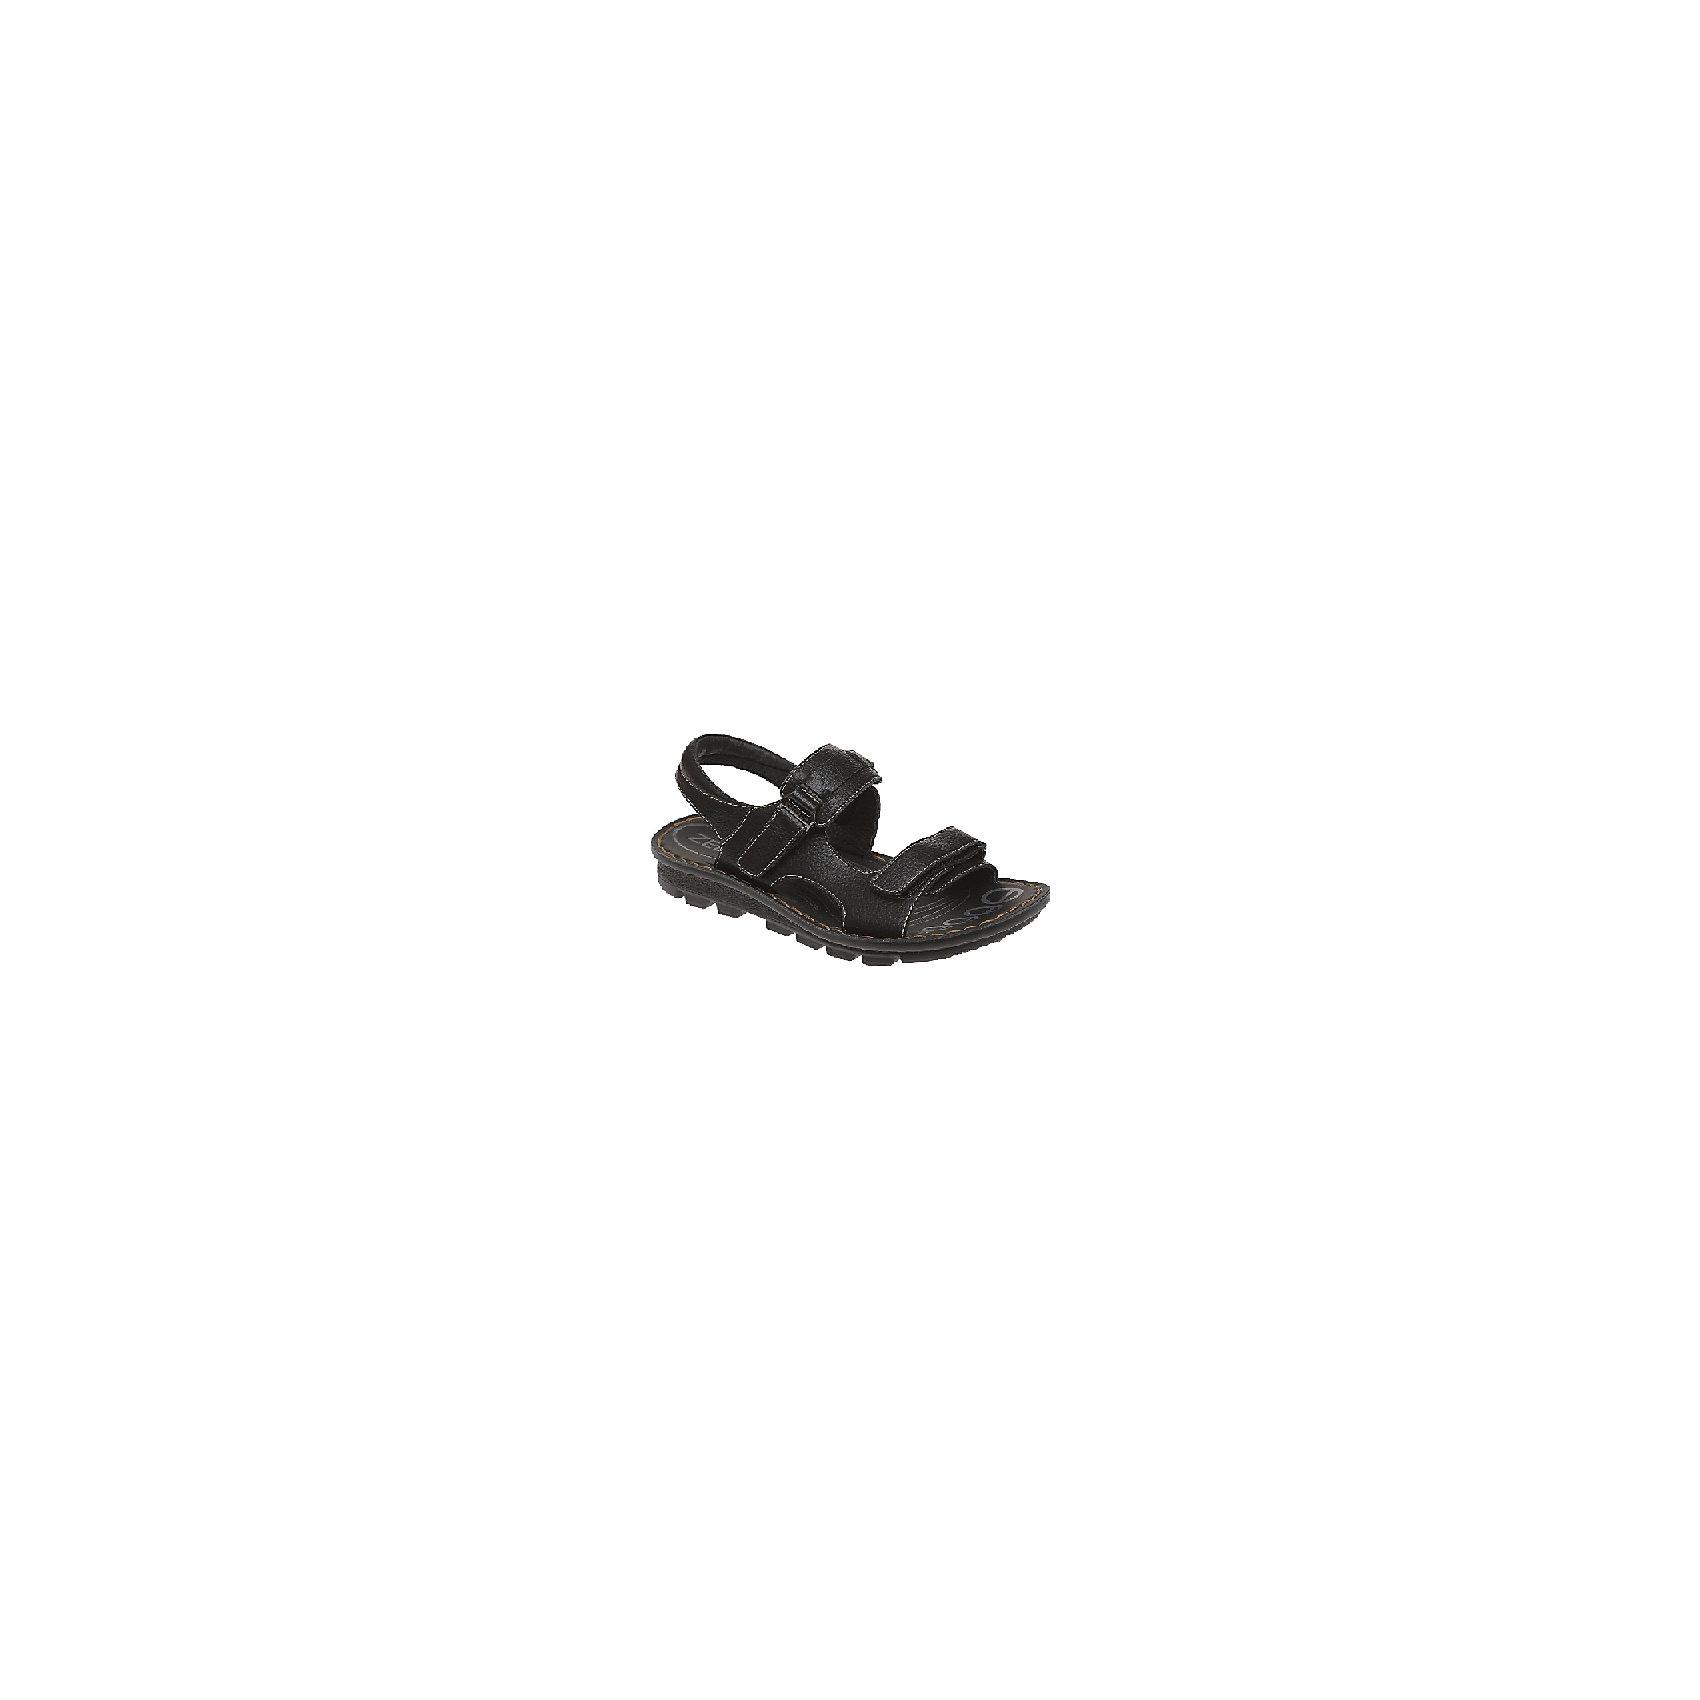 Сандалии для мальчика ЗебраСандалии для мальчика от известного российского бренда детской обуви Зебра.<br>Устойчивые черные сандалии – практичная и модная обувь. Они просто застегиваются благодаря липучке, отлично прилегают к ноге. Износостойкие и качественные.<br>Отличительные особенности модели:<br>- модный дизайн;<br>- цвет - черные;<br>- комфортная колодка;<br>- устойчивая износостойкая подошва;<br>- удобные застежки-липучки;<br>- качественные материалы.<br>Дополнительная информация:<br>- Температурный режим: от + 15° С  до + 35° С.<br>- Состав:<br>материал верха: микрофибра<br>материал подкладки: натуральная кожа<br>подошва: ПУ.<br>Сандалии для мальчика от бренда Зебра можно купить в нашем магазине.<br><br>Ширина мм: 219<br>Глубина мм: 154<br>Высота мм: 121<br>Вес г: 343<br>Цвет: черный<br>Возраст от месяцев: 132<br>Возраст до месяцев: 144<br>Пол: Мужской<br>Возраст: Детский<br>Размер: 35,33,37,36,34<br>SKU: 4101234